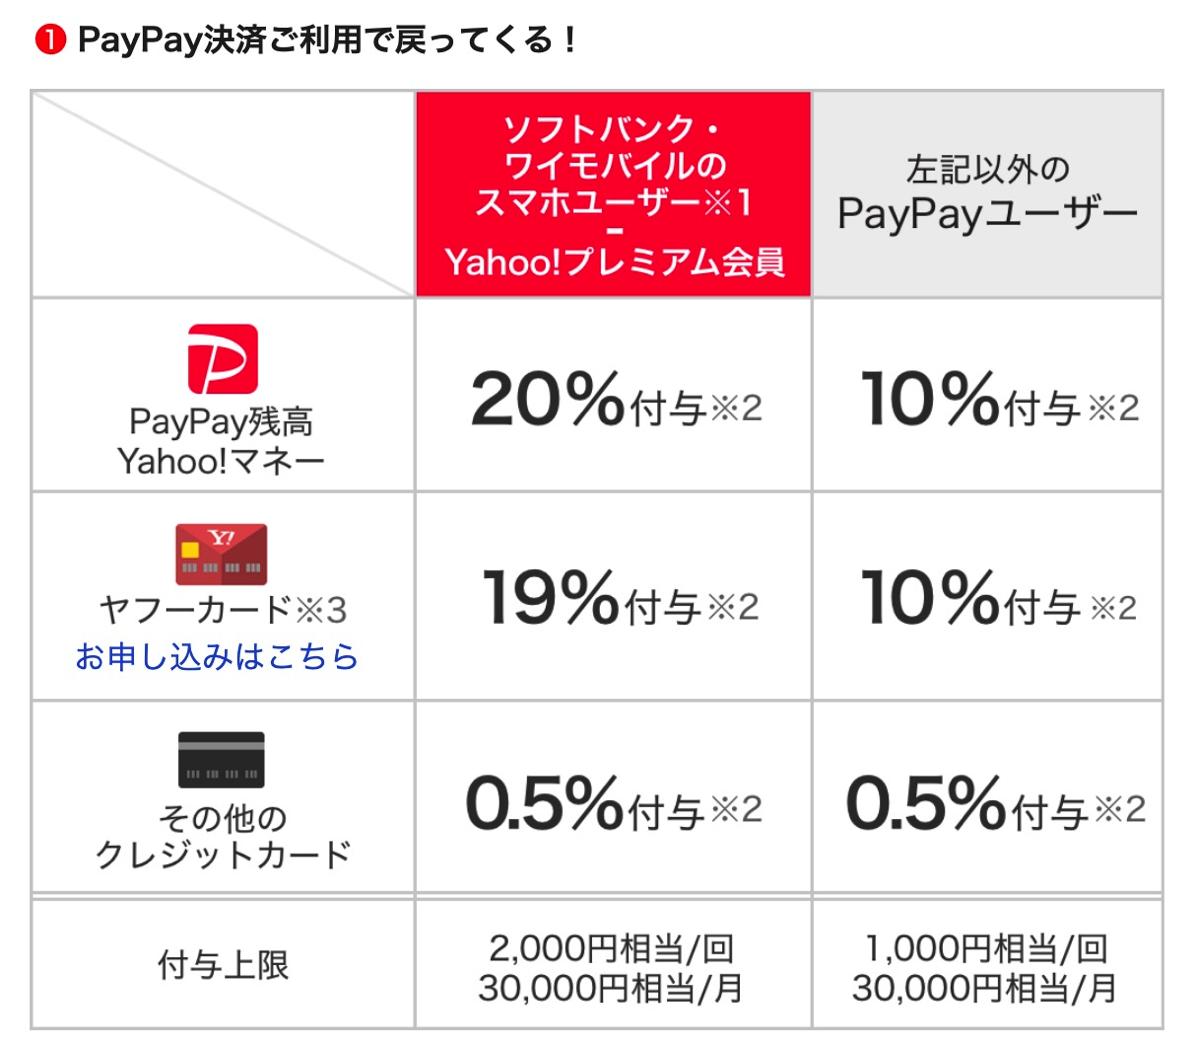 PayPayキャンペーンによる還元